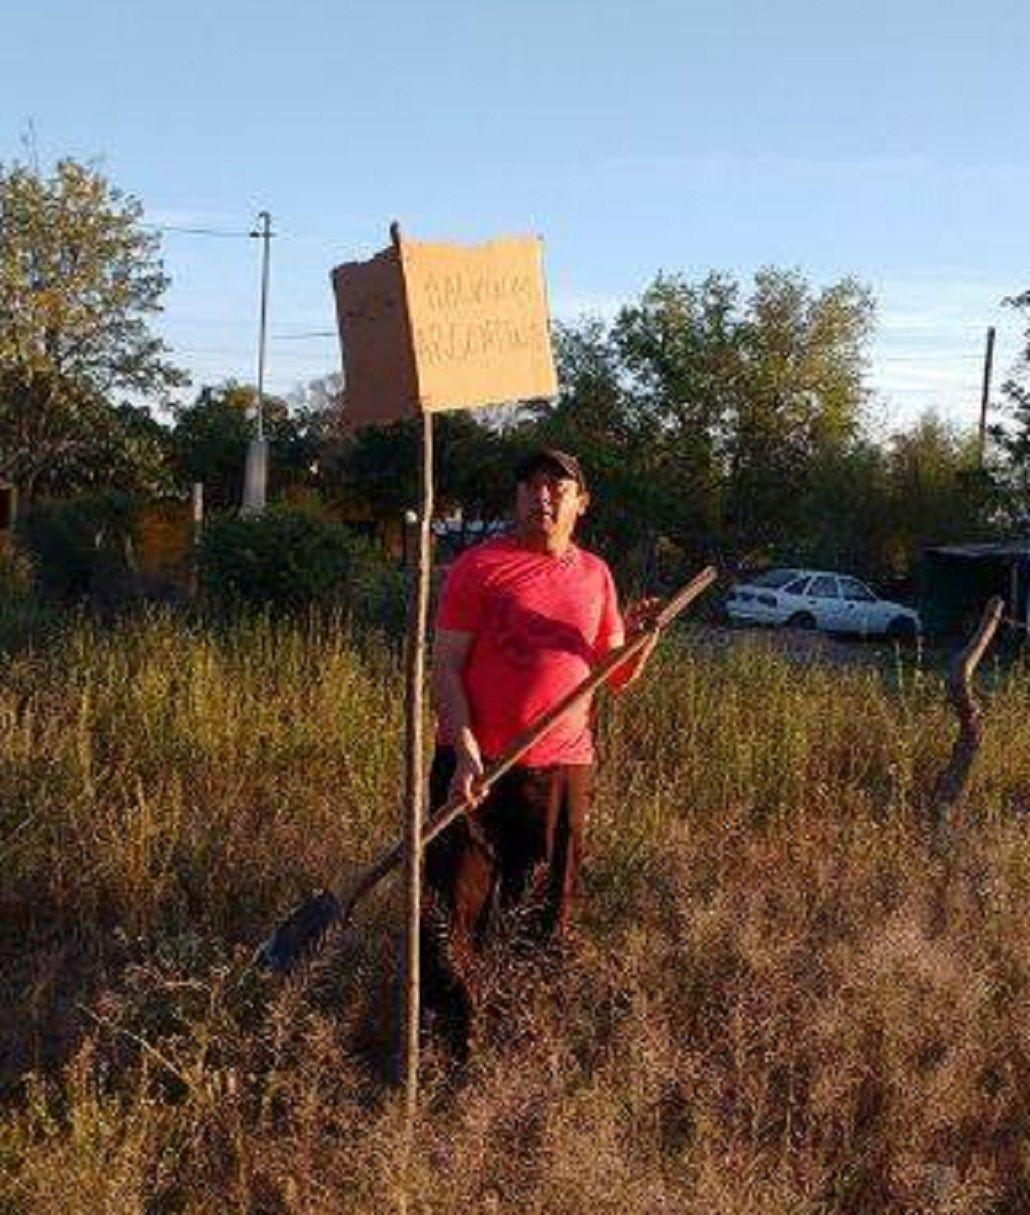 Harto de pedir que señalicen las calles del pueblo, un vecino instaló sus propios carteles